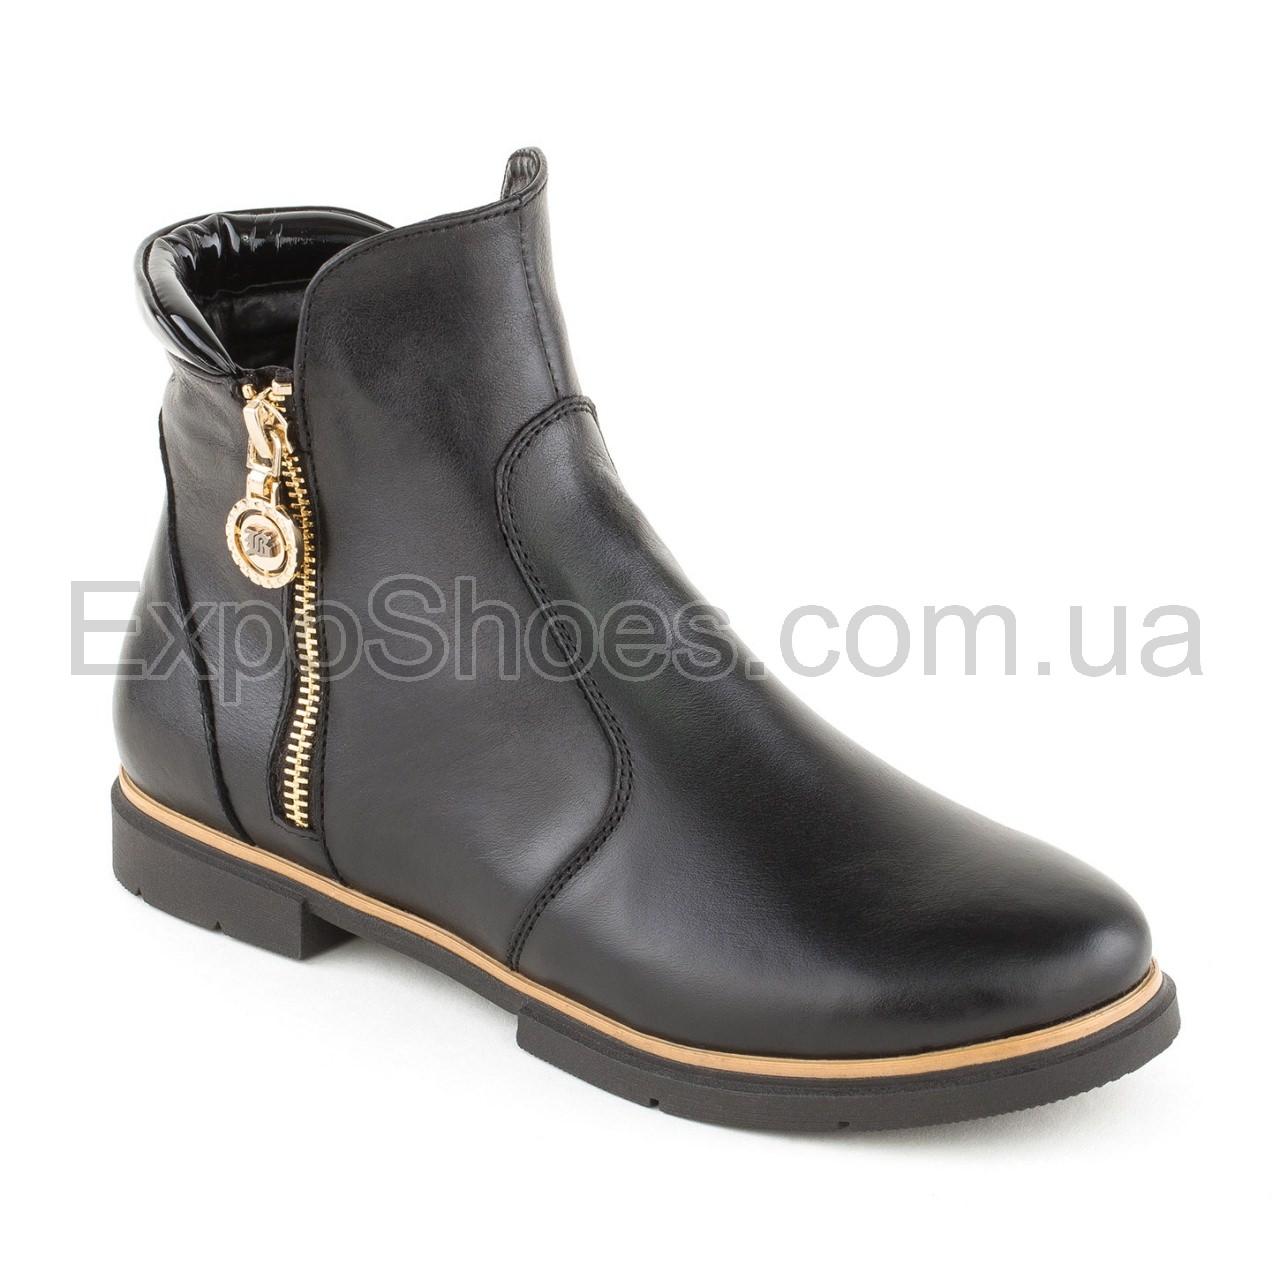 Женский ботинок 218